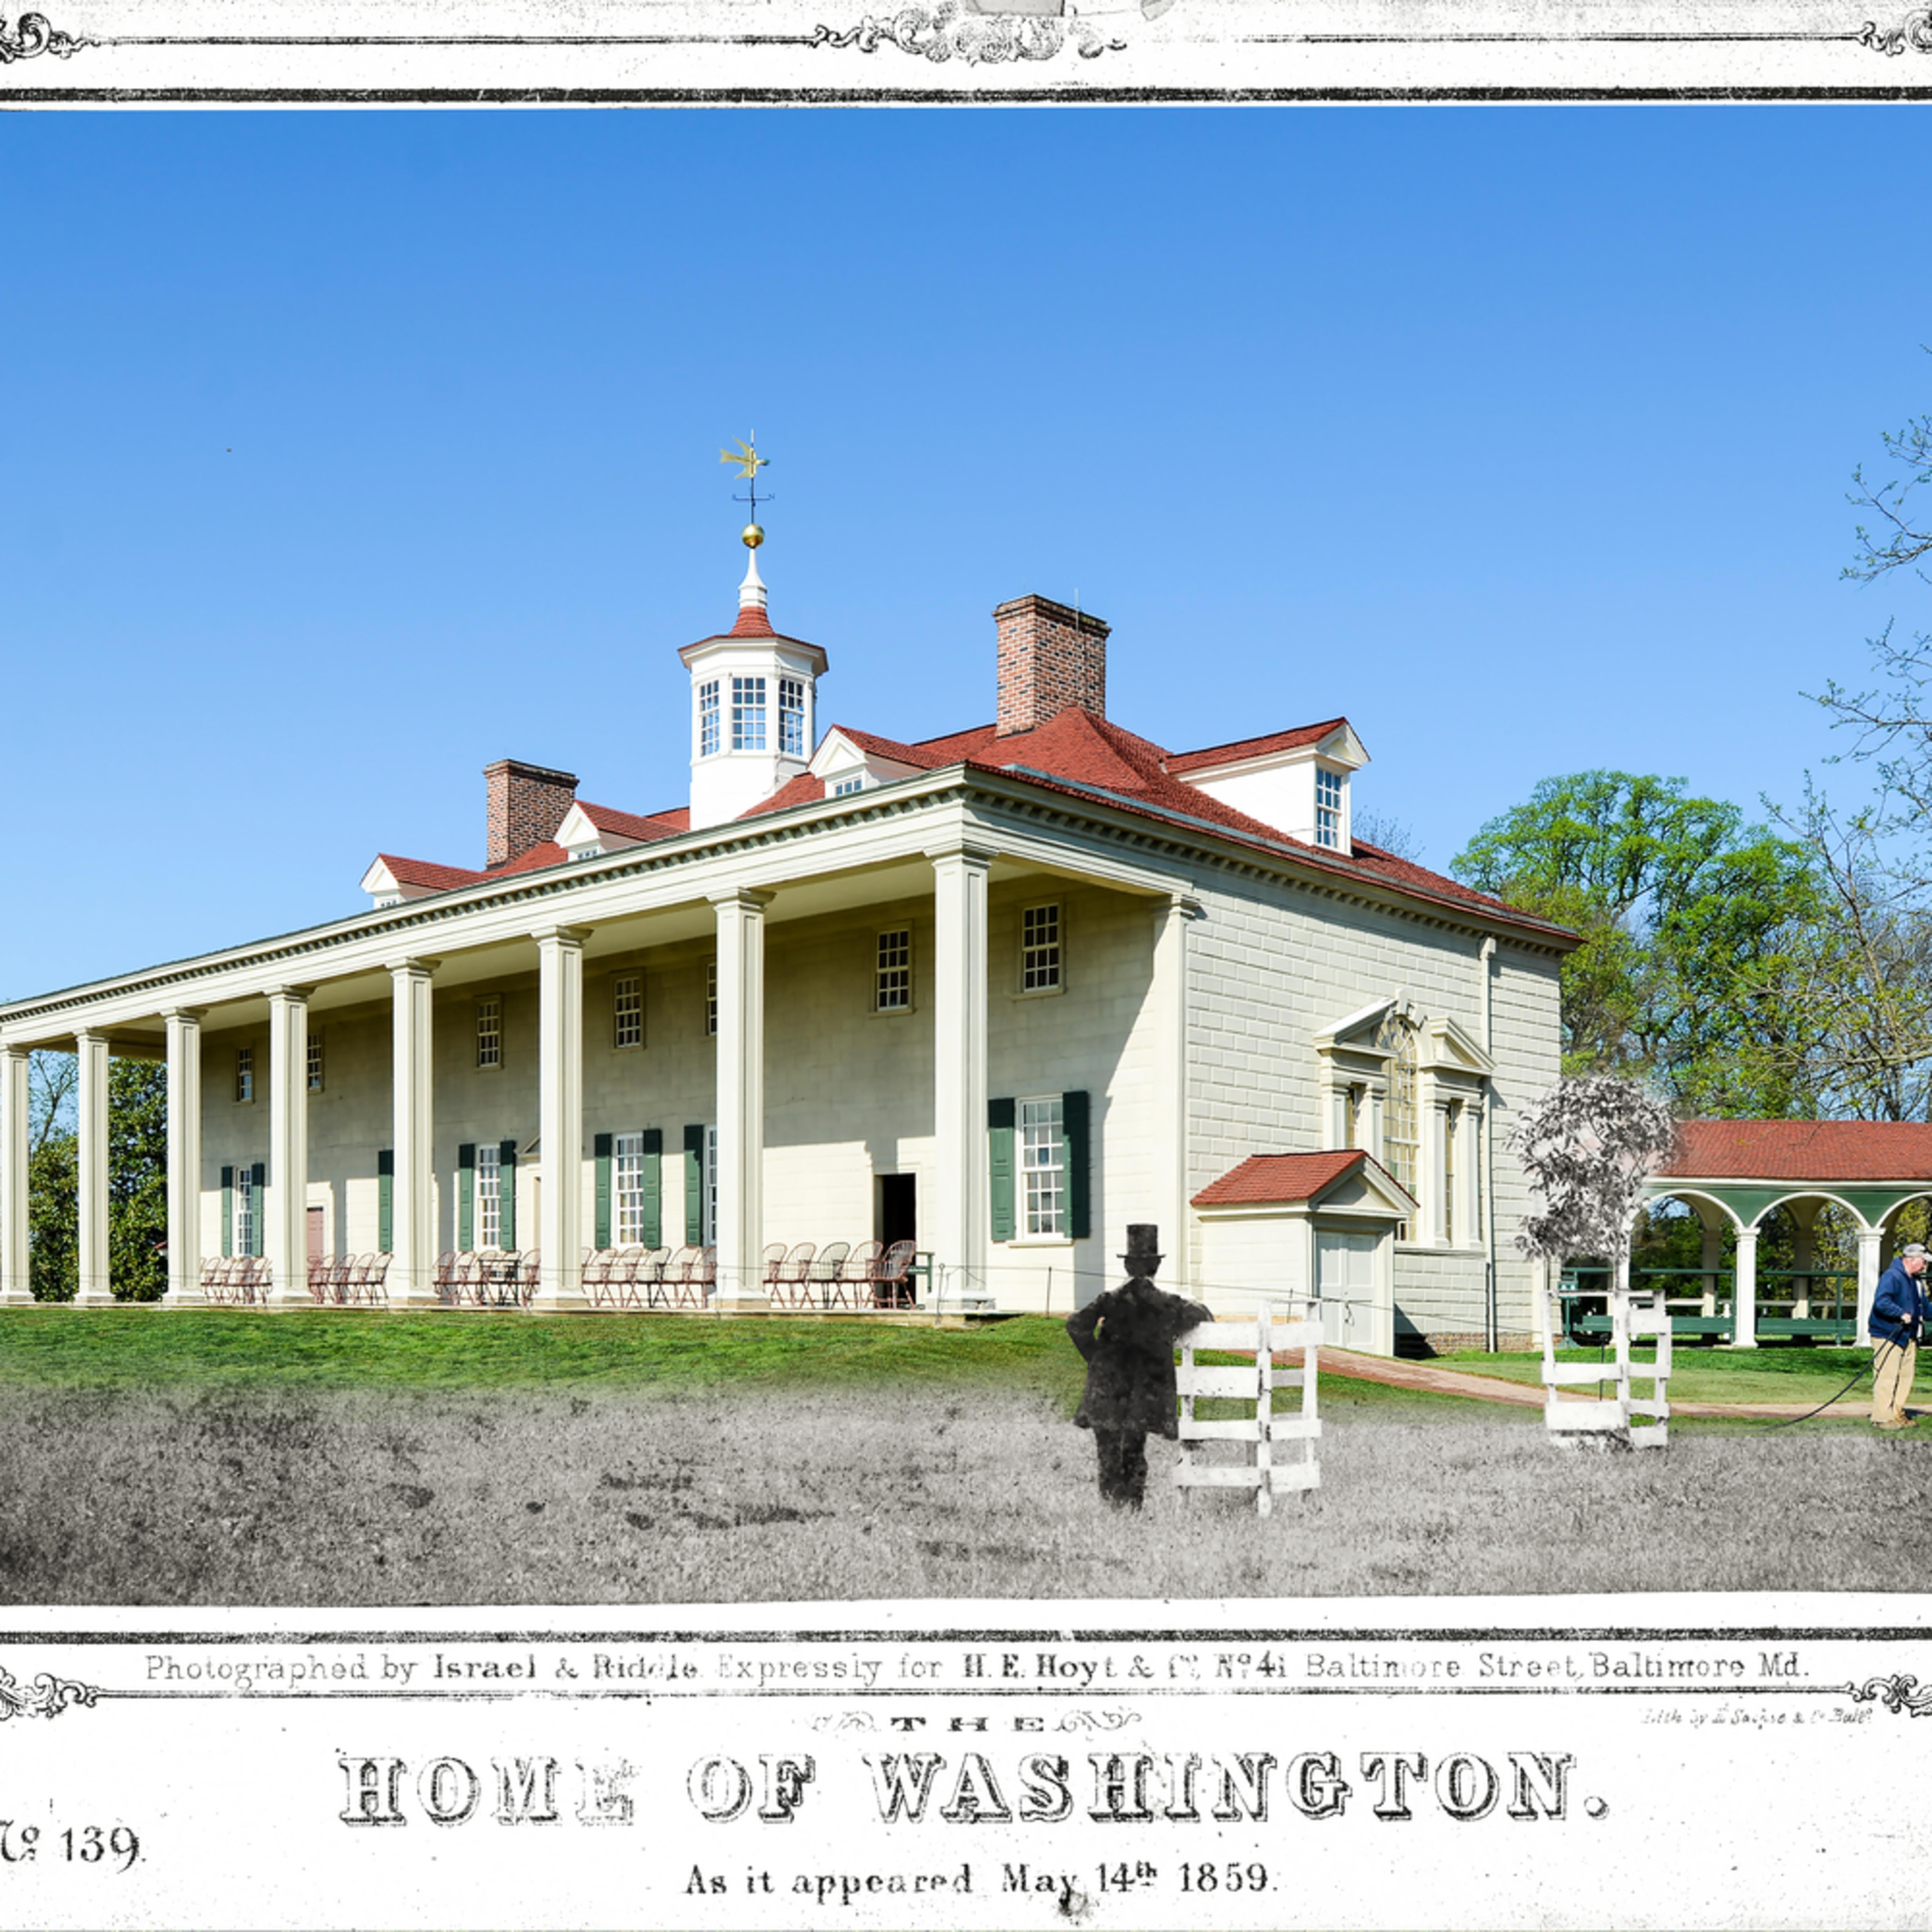 The home of washington iv8fua